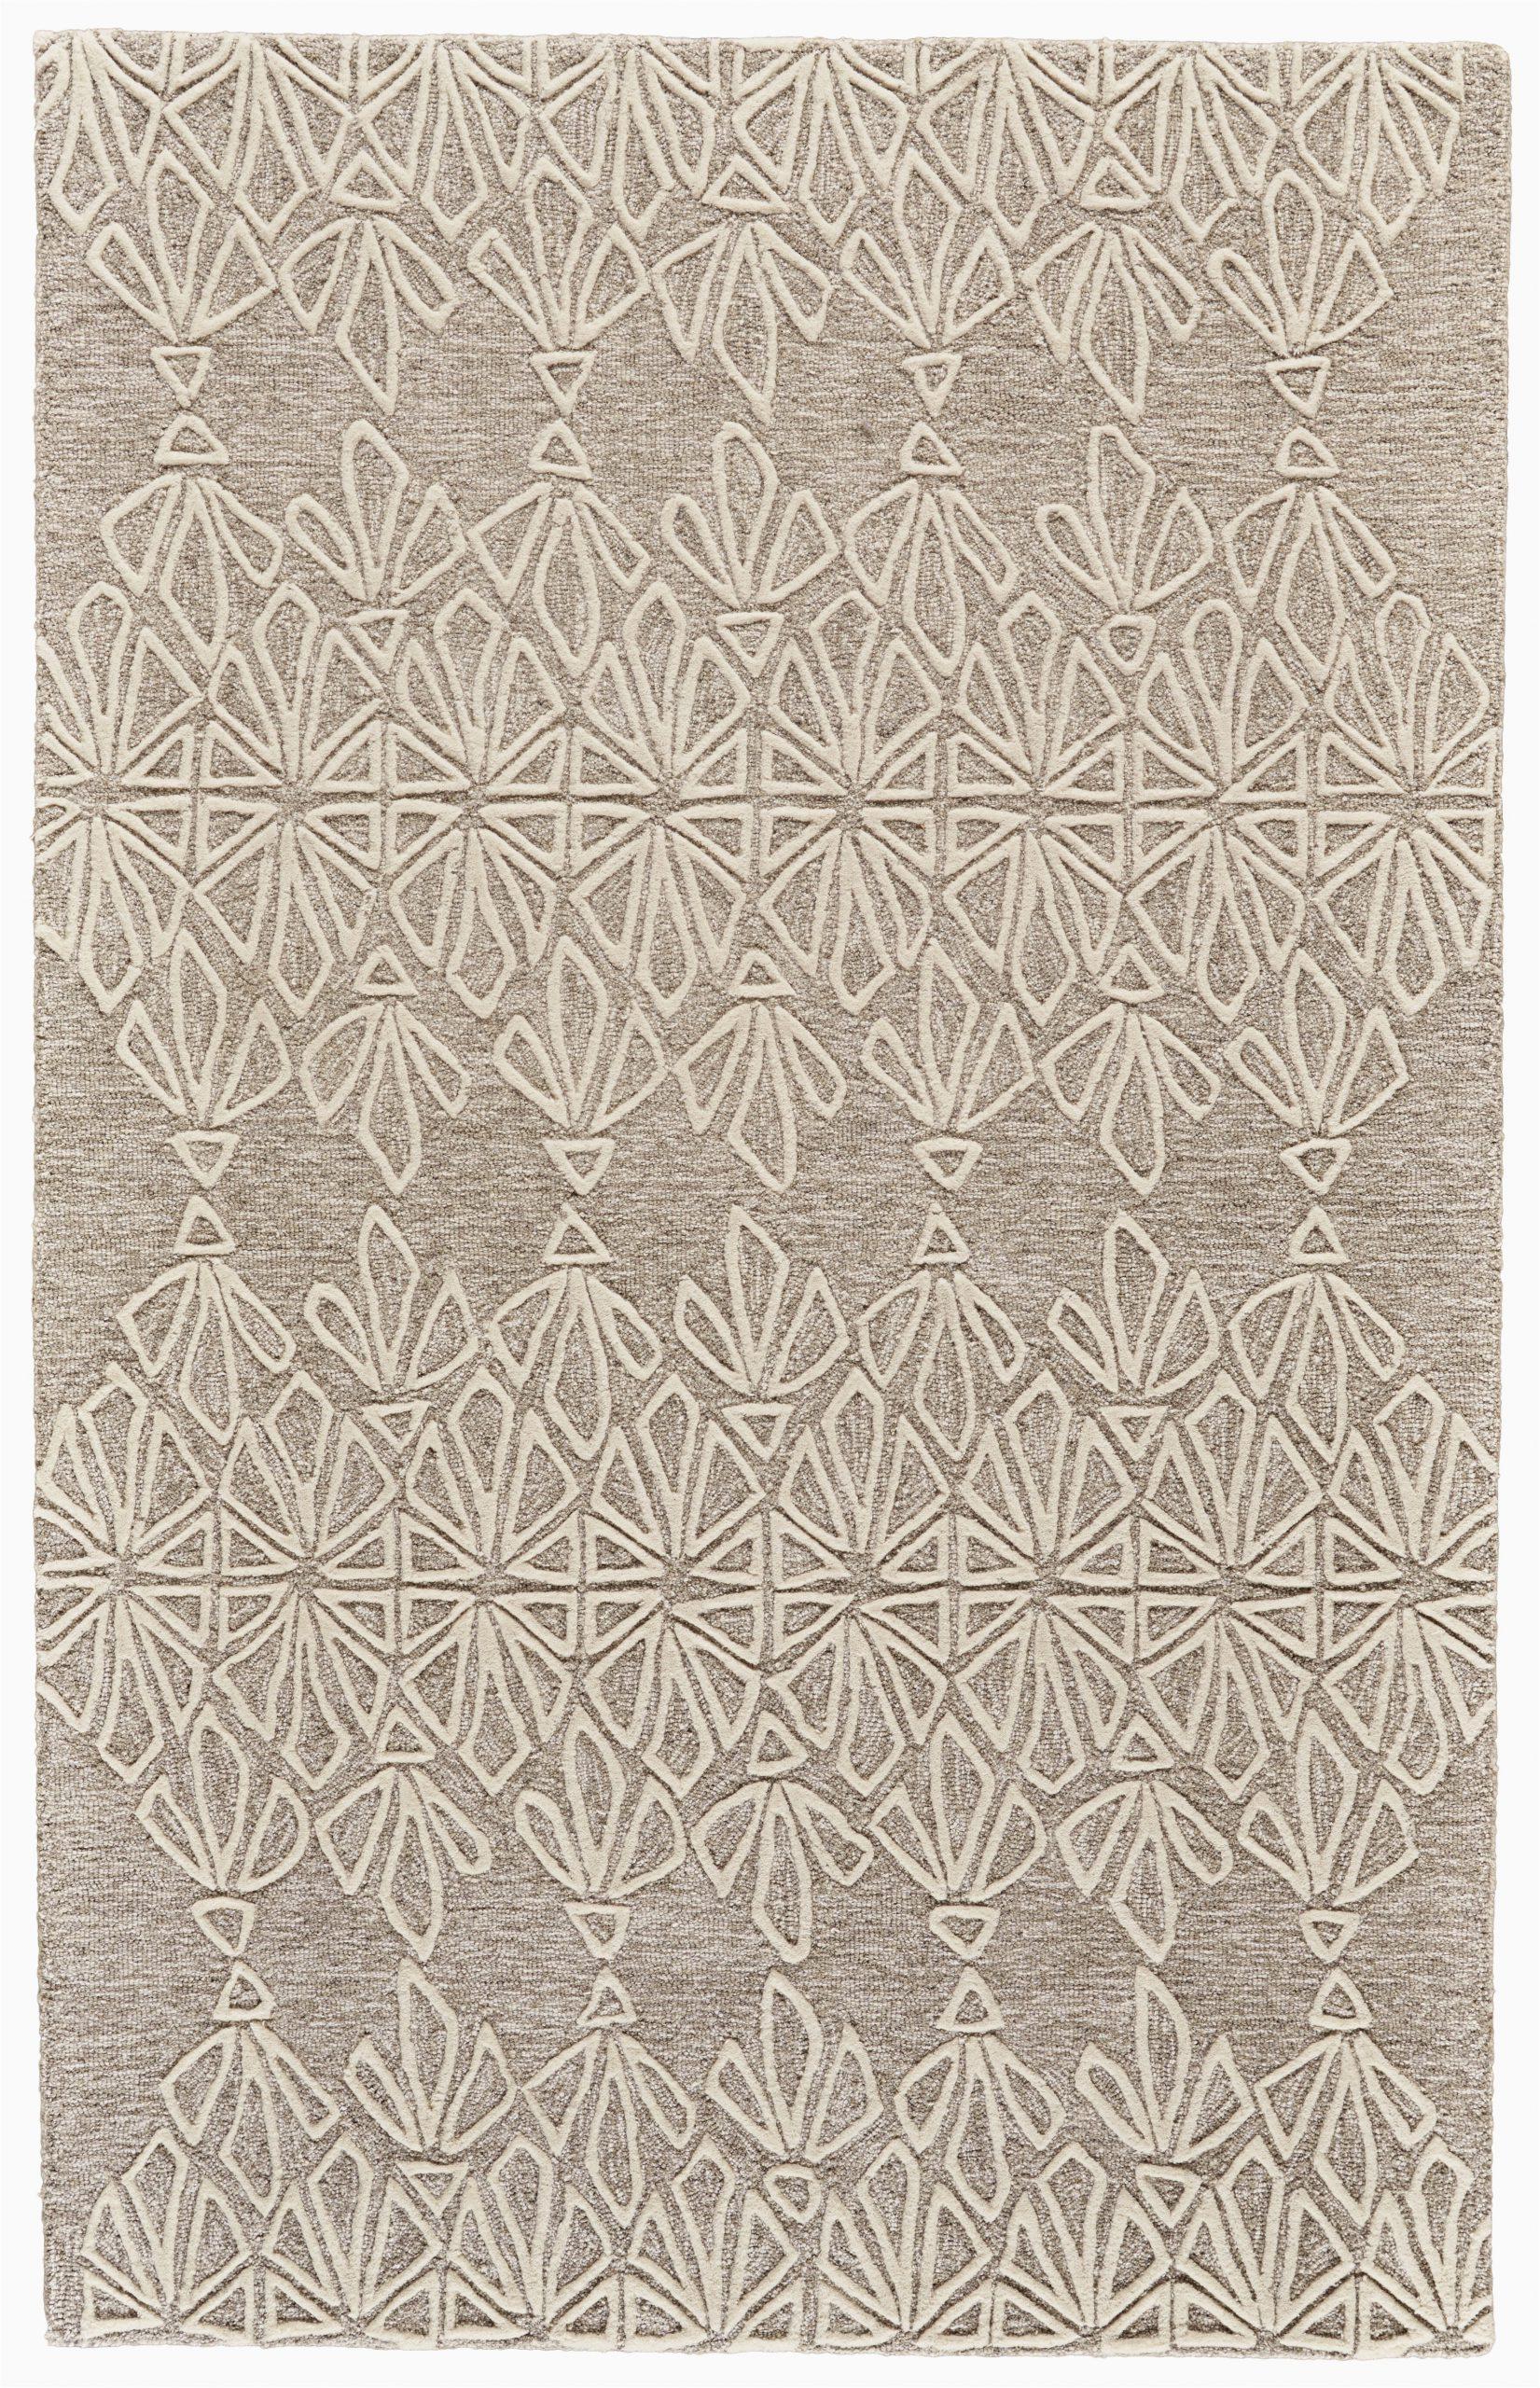 grider handmade tufted ivorytaupe area rug